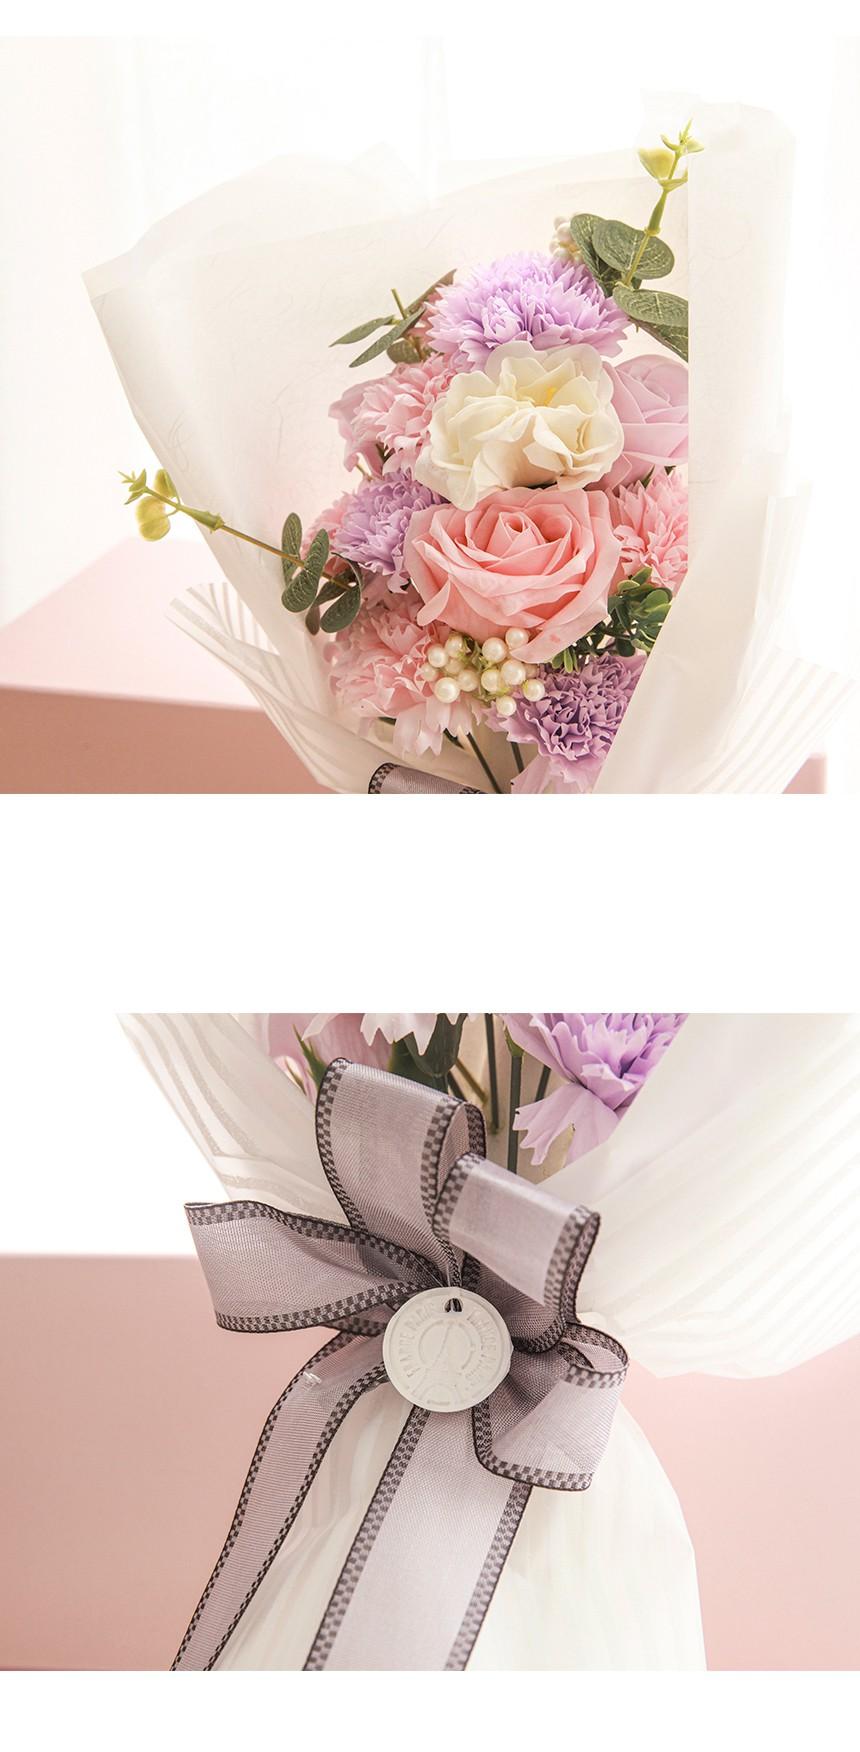 bloom-page_16.jpg